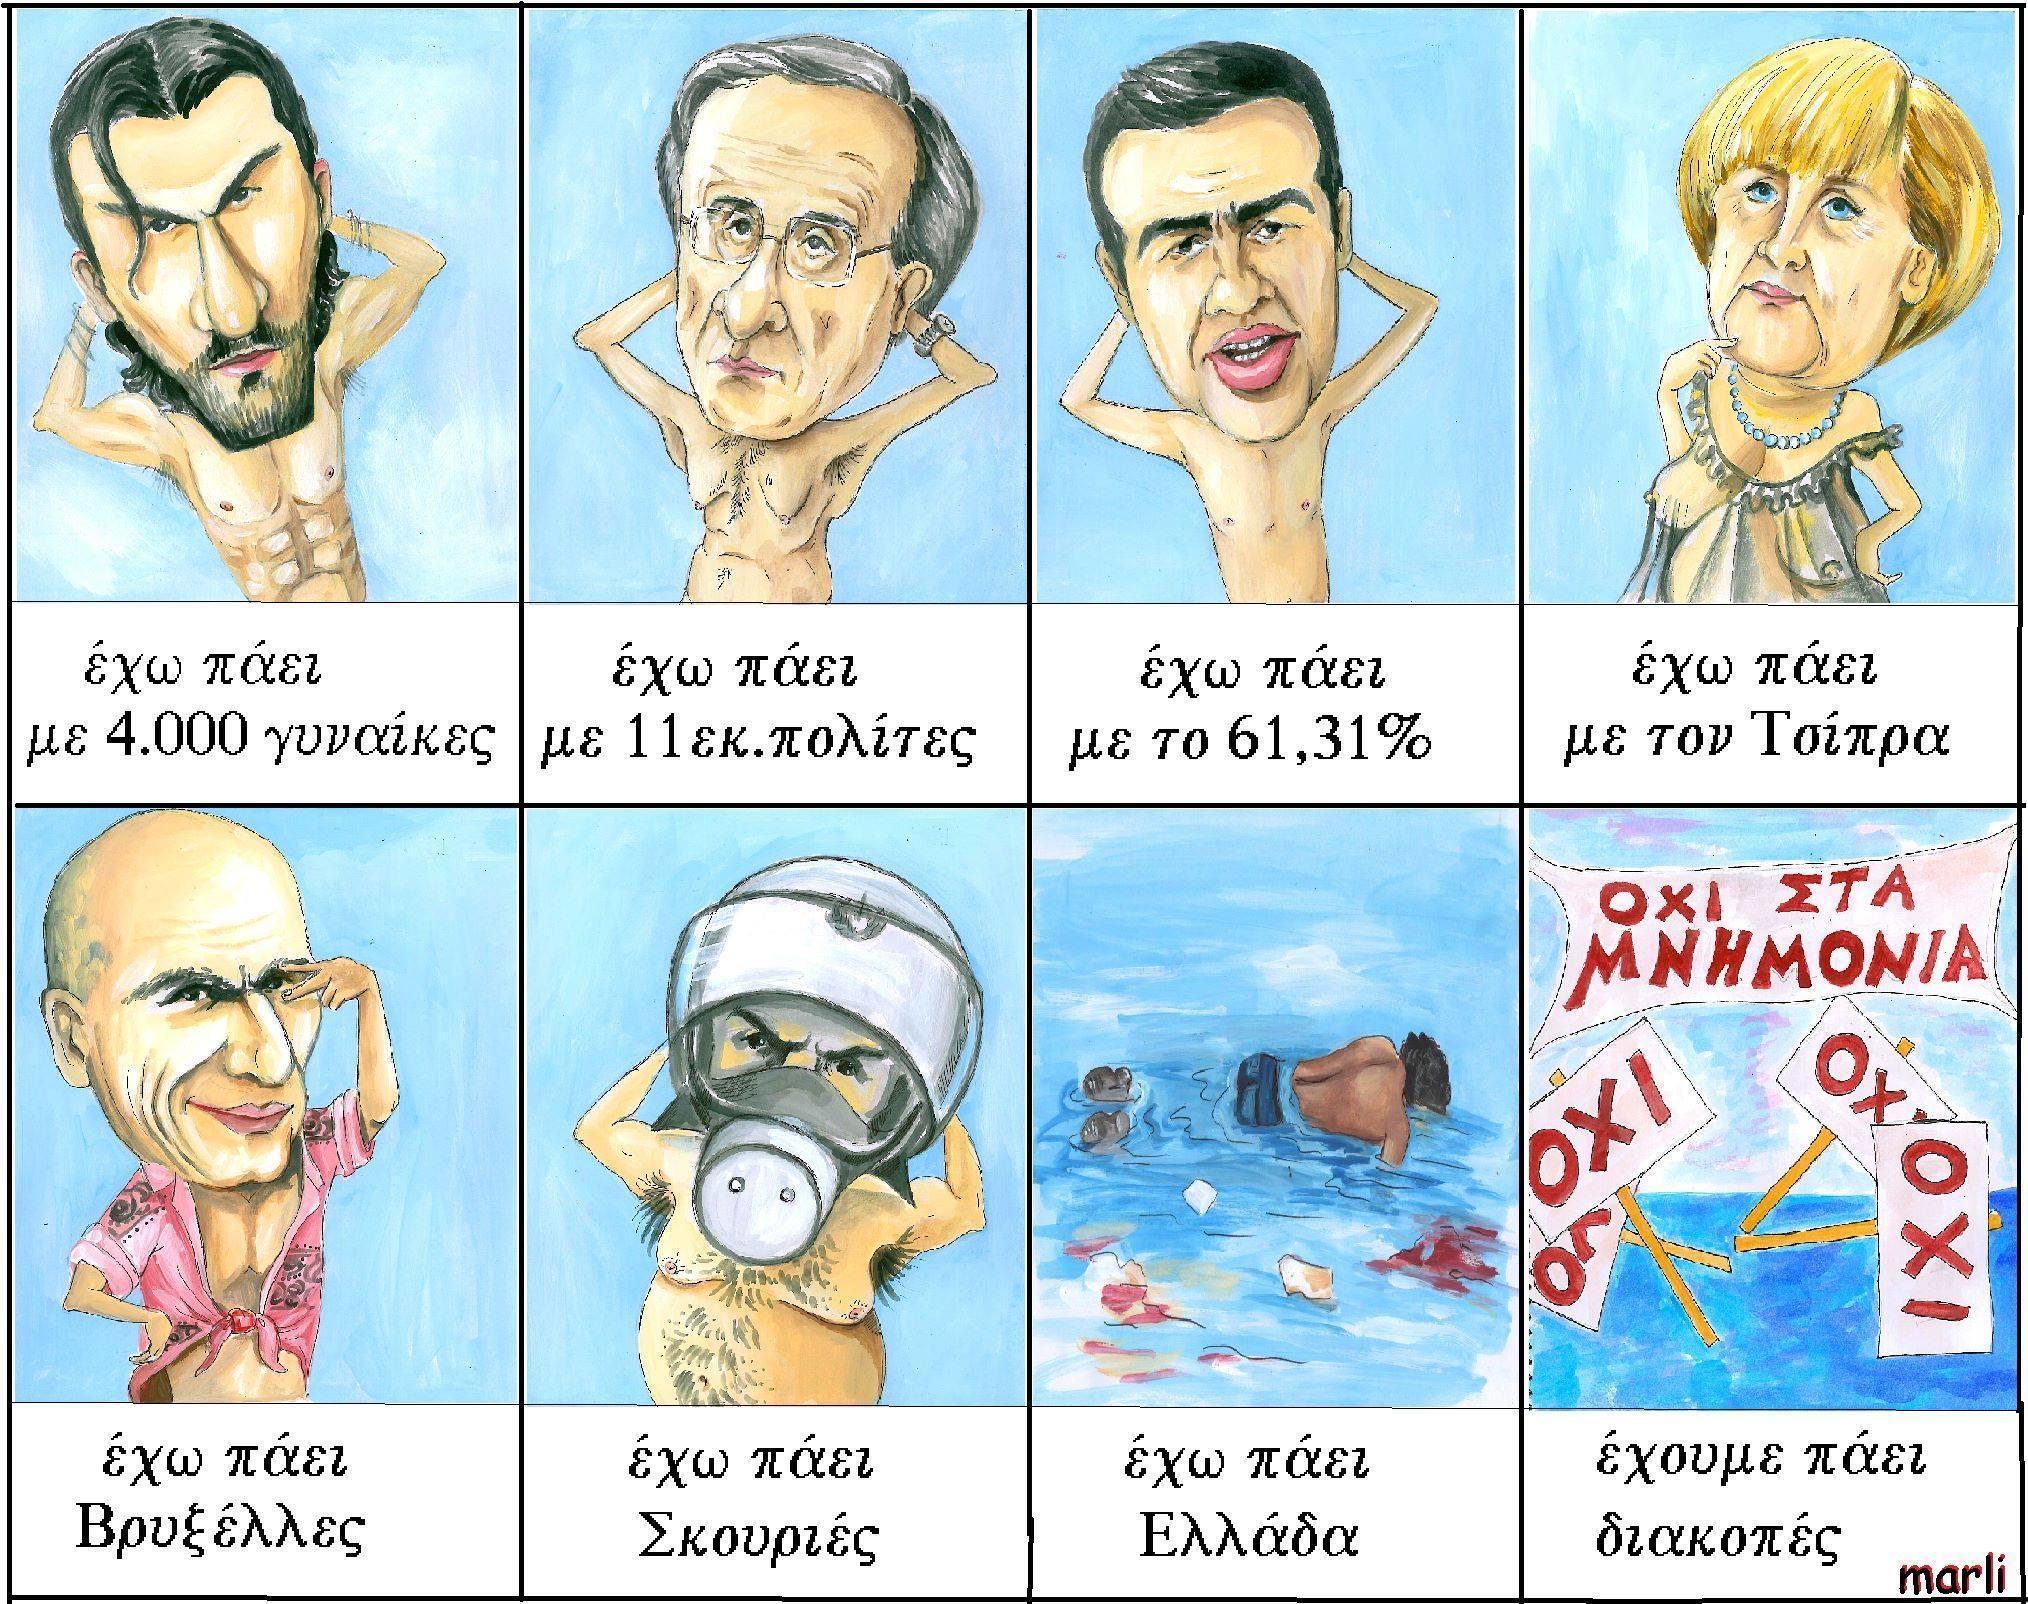 diaforetiko.gr : 11875074 1353314338046334 2923280884152763055 o 26 από τις πιο αστείες φωτογραφίες για την Πολιτική στην Ελλάδα